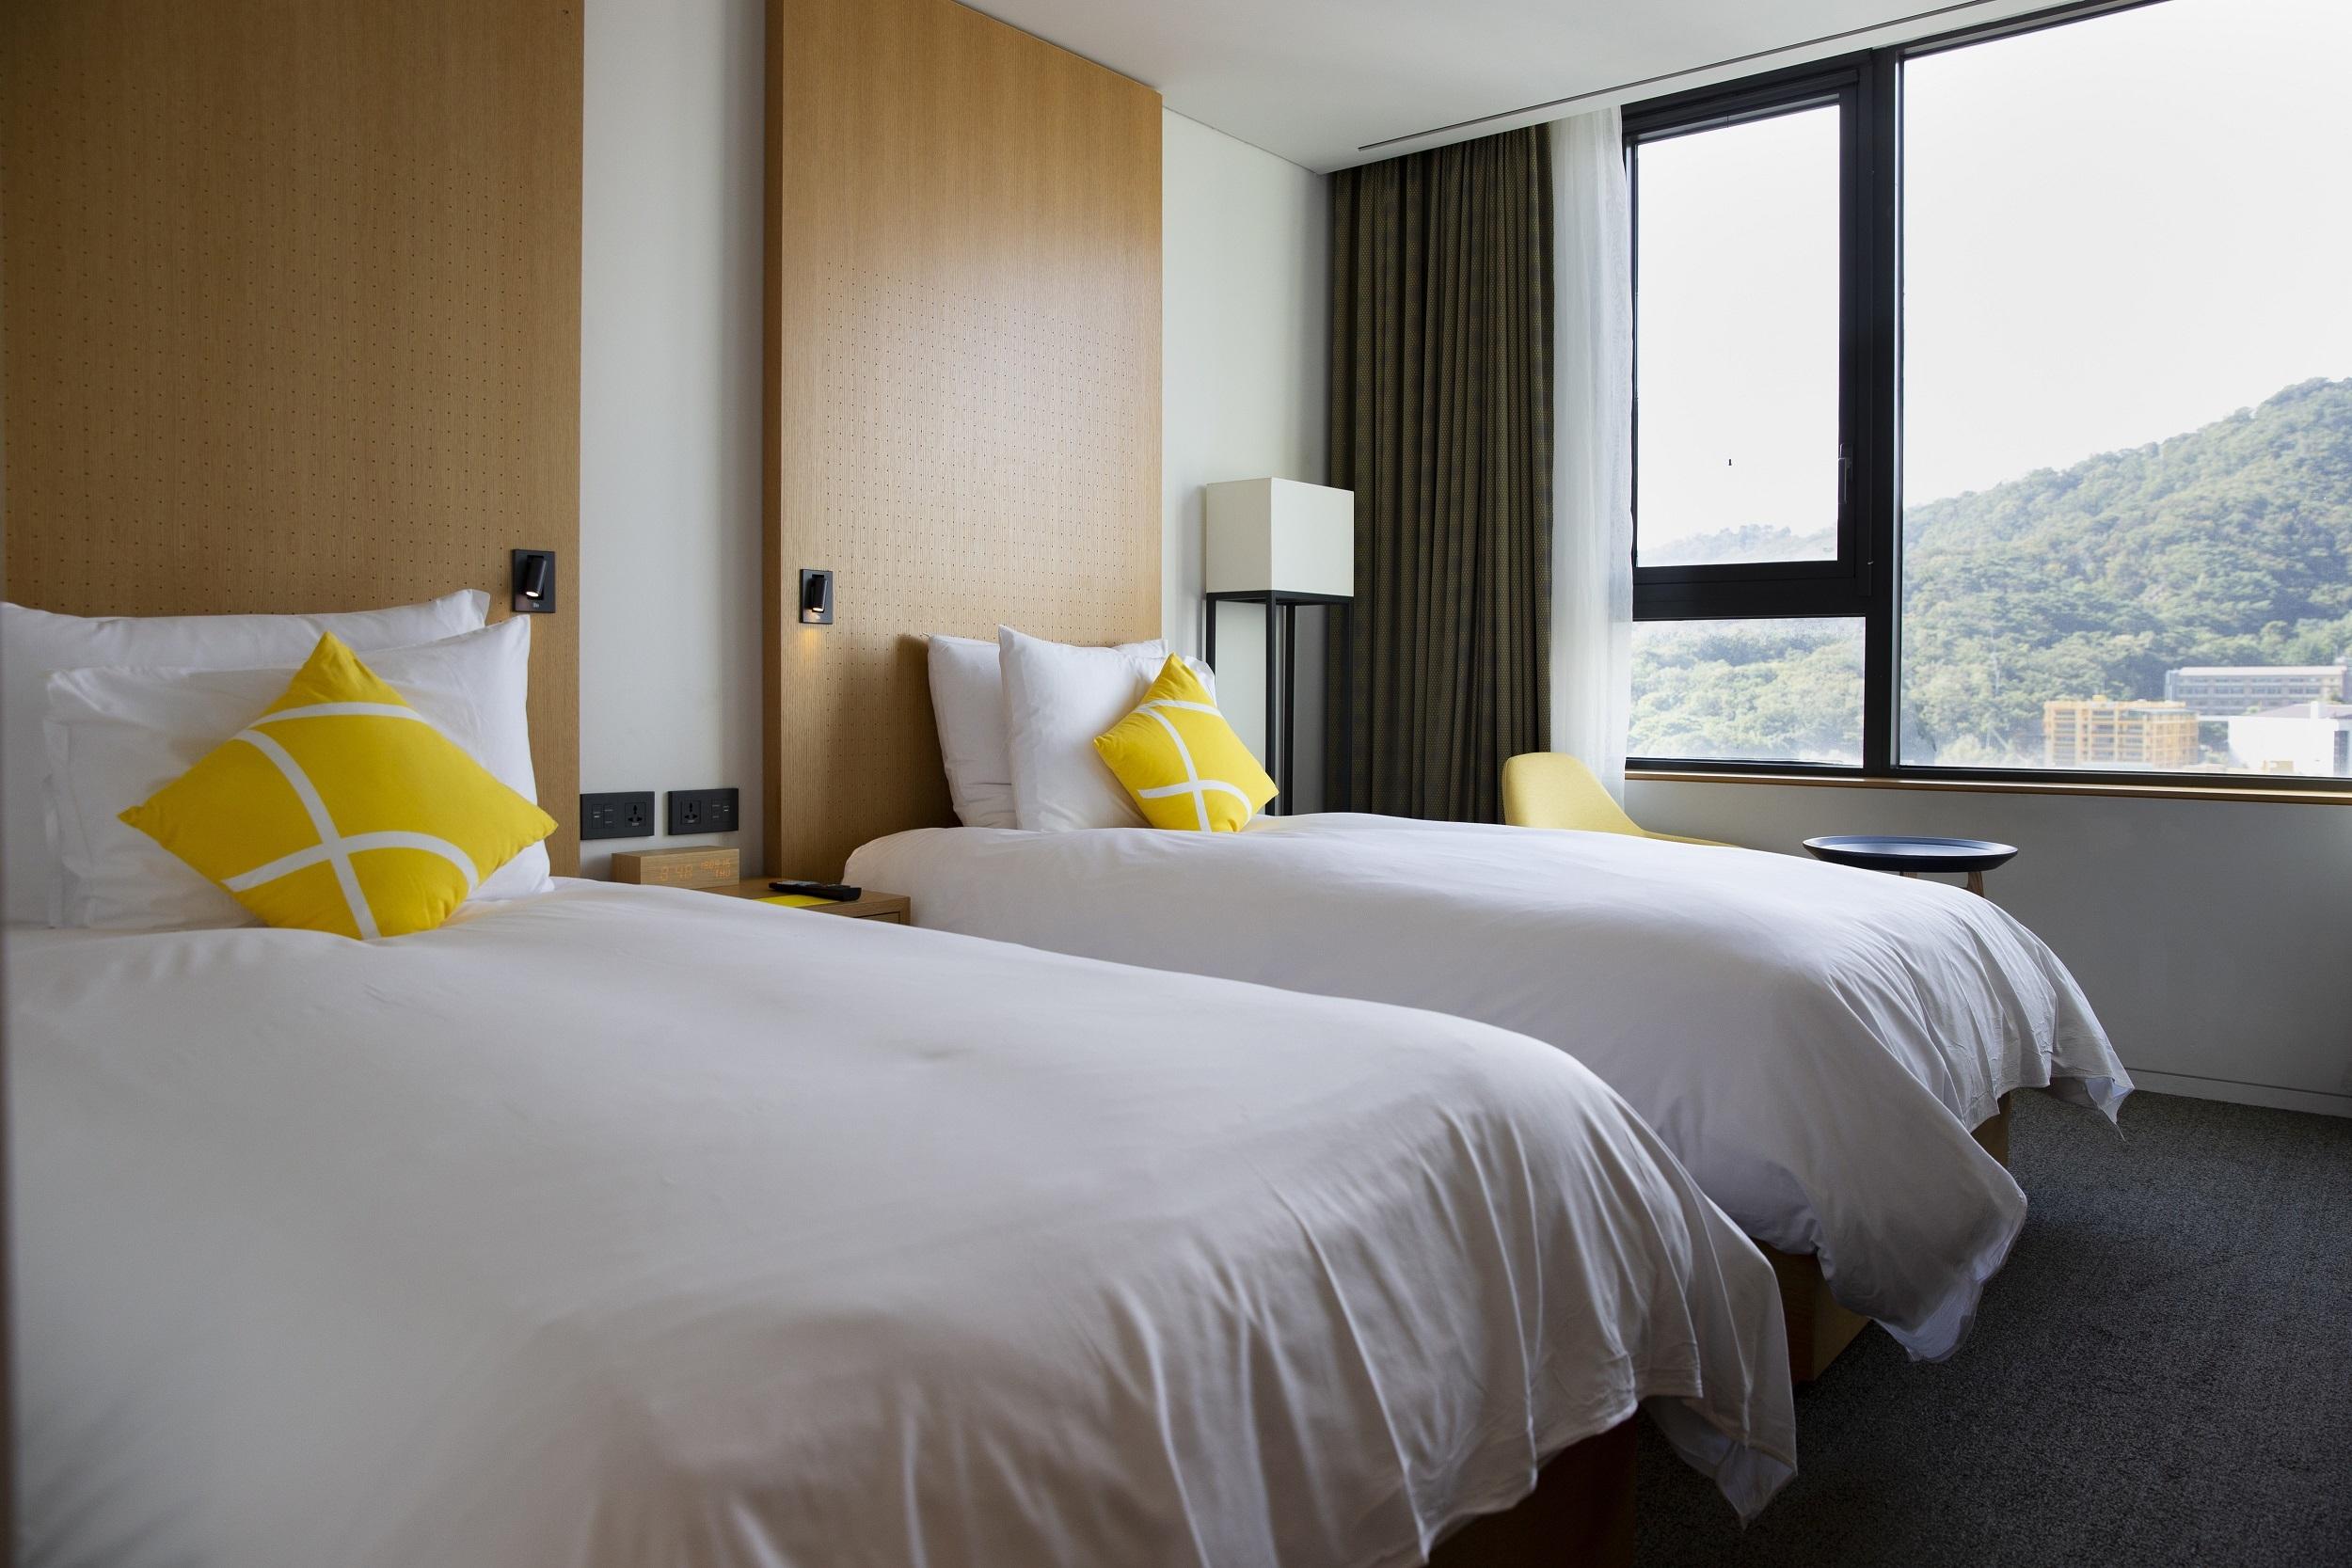 ソウル取材班が泊まったホテルは「L7明洞」_1_1